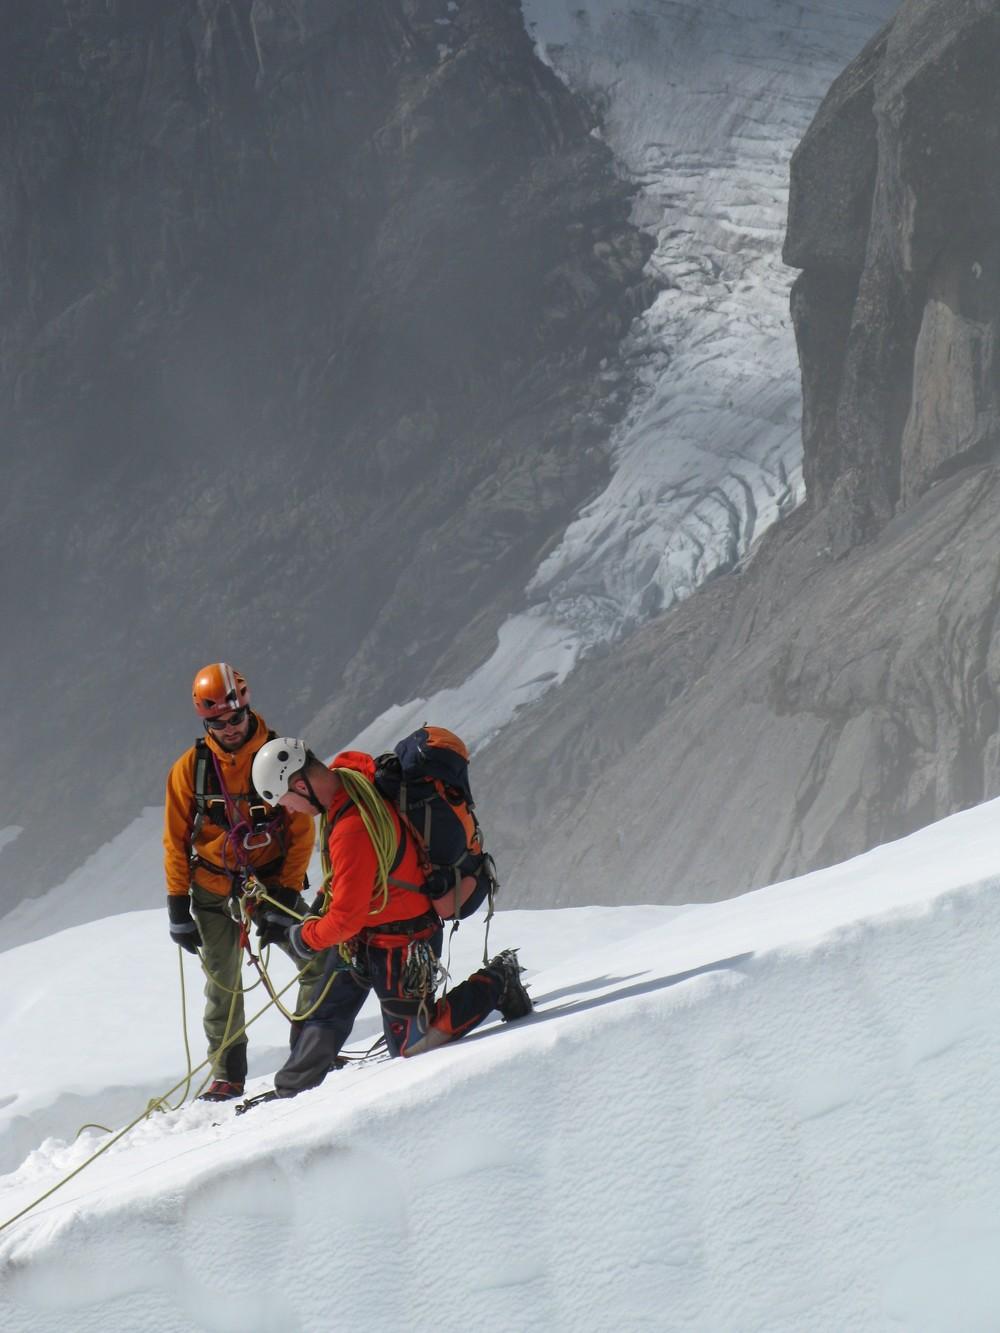 nortind alpin isferd metode 085.jpg